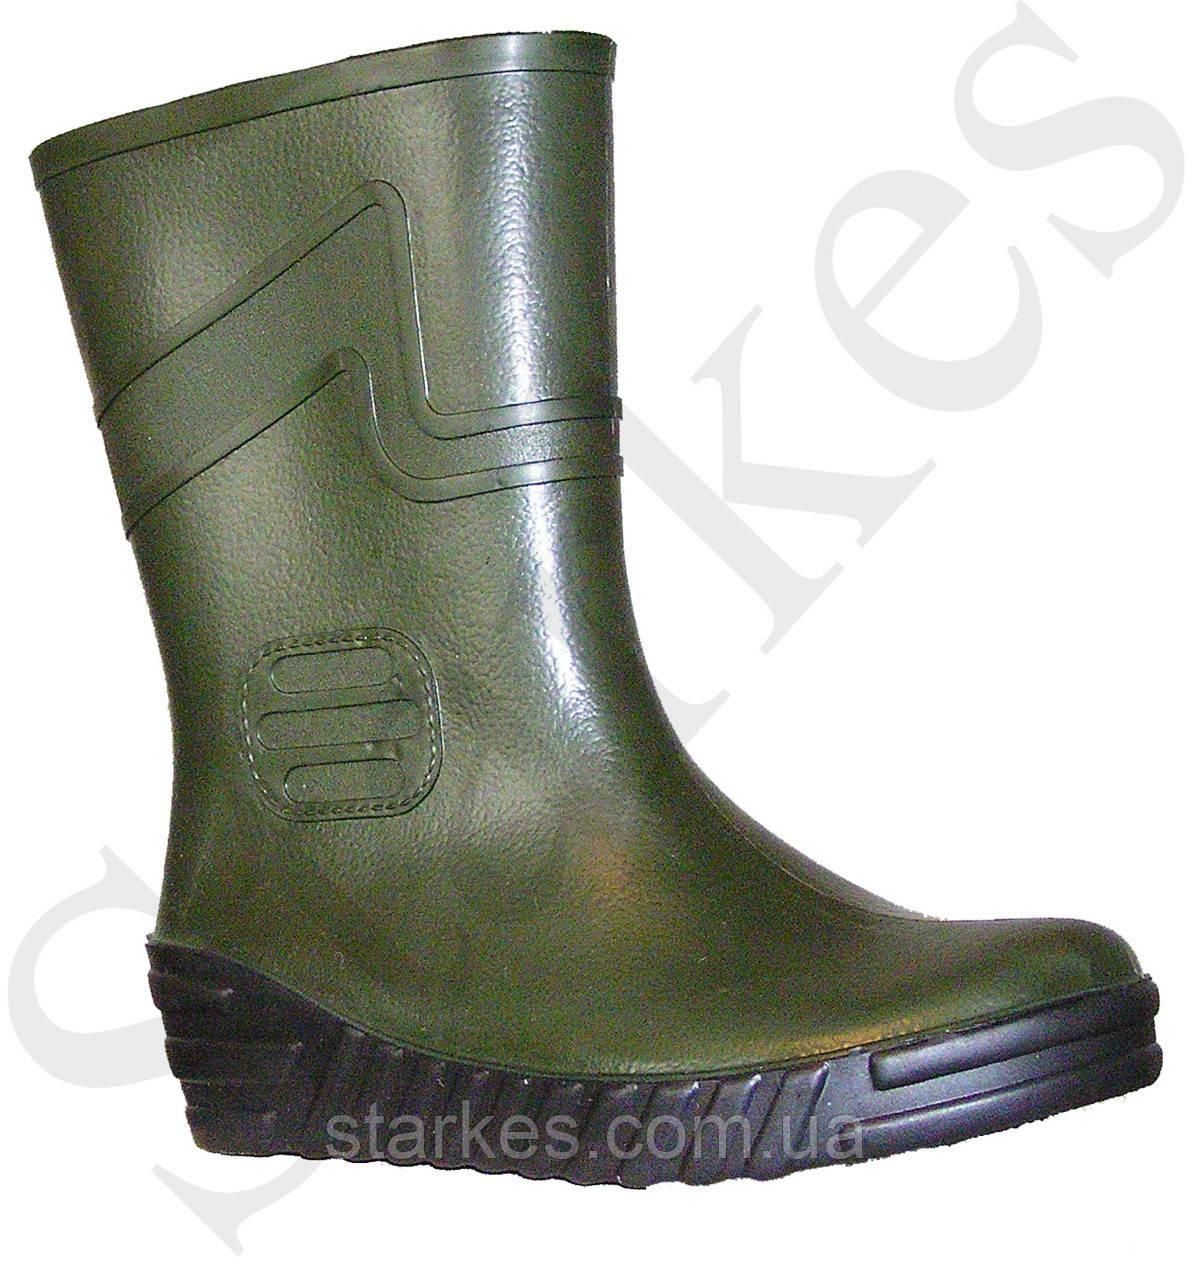 Сапоги резиновые зеленые мужские из ПВХ, 40 р и др., на выбор